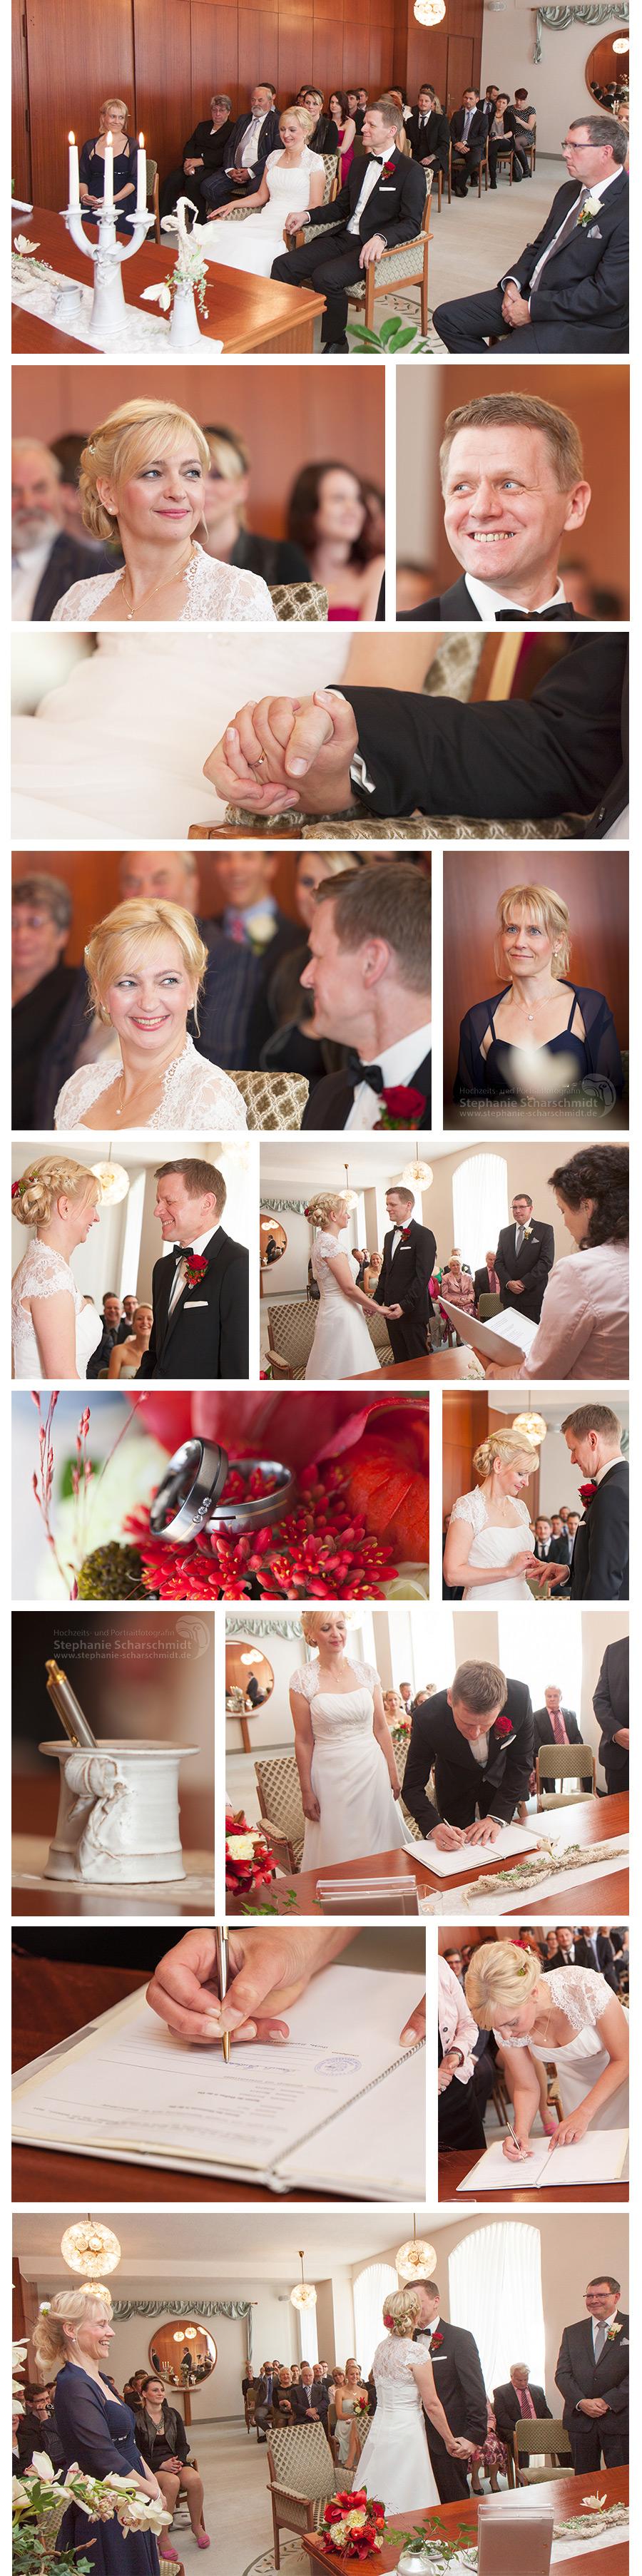 2. Standesamtliche Trauung im Rathaus Zeulenroda Triebes - Hochzeitsfotograf Bio-Seehotel Zeulenroda - Hochzeits- und Portraitfotografin Stephanie Scharschmidt - Hochzeitsfotograf Bio-Seehotel Zeulenroda –